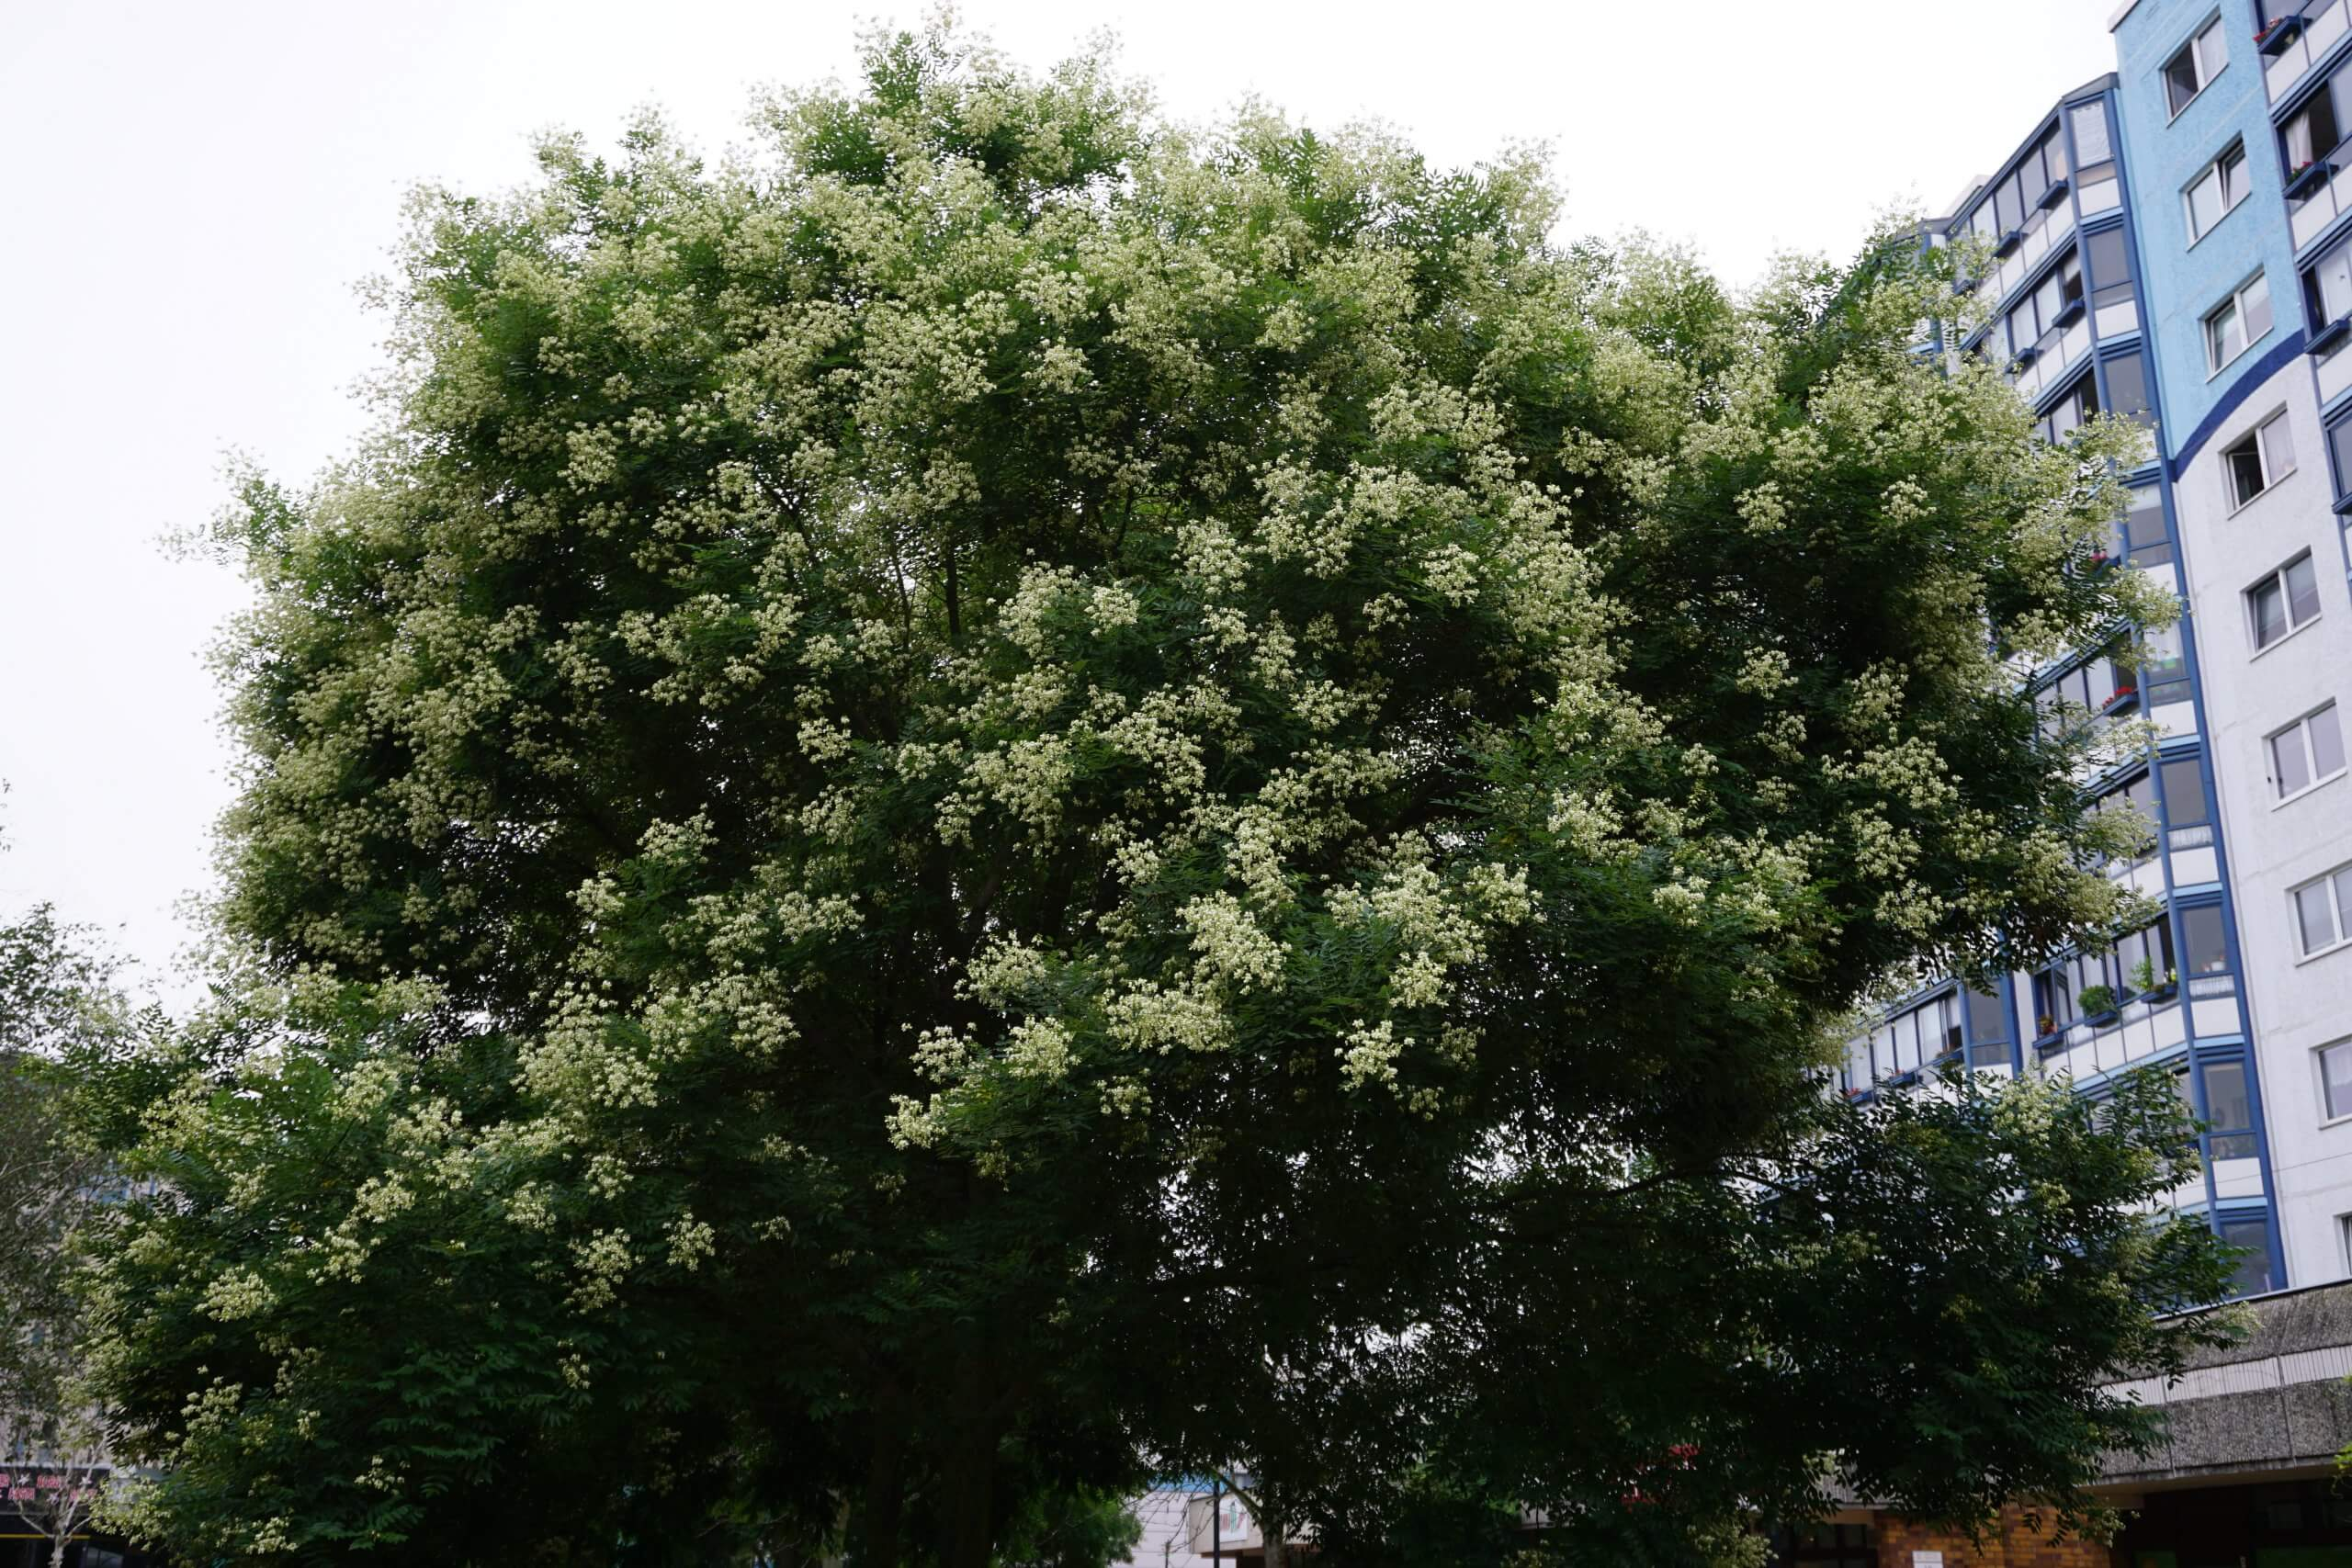 Das Bild zeigt die Krone eines in der vollen Blüte stehenden Schnurbaums im zentralen Kosmosviertel. Die cremeweißen Blüten sitzen in Rispen.